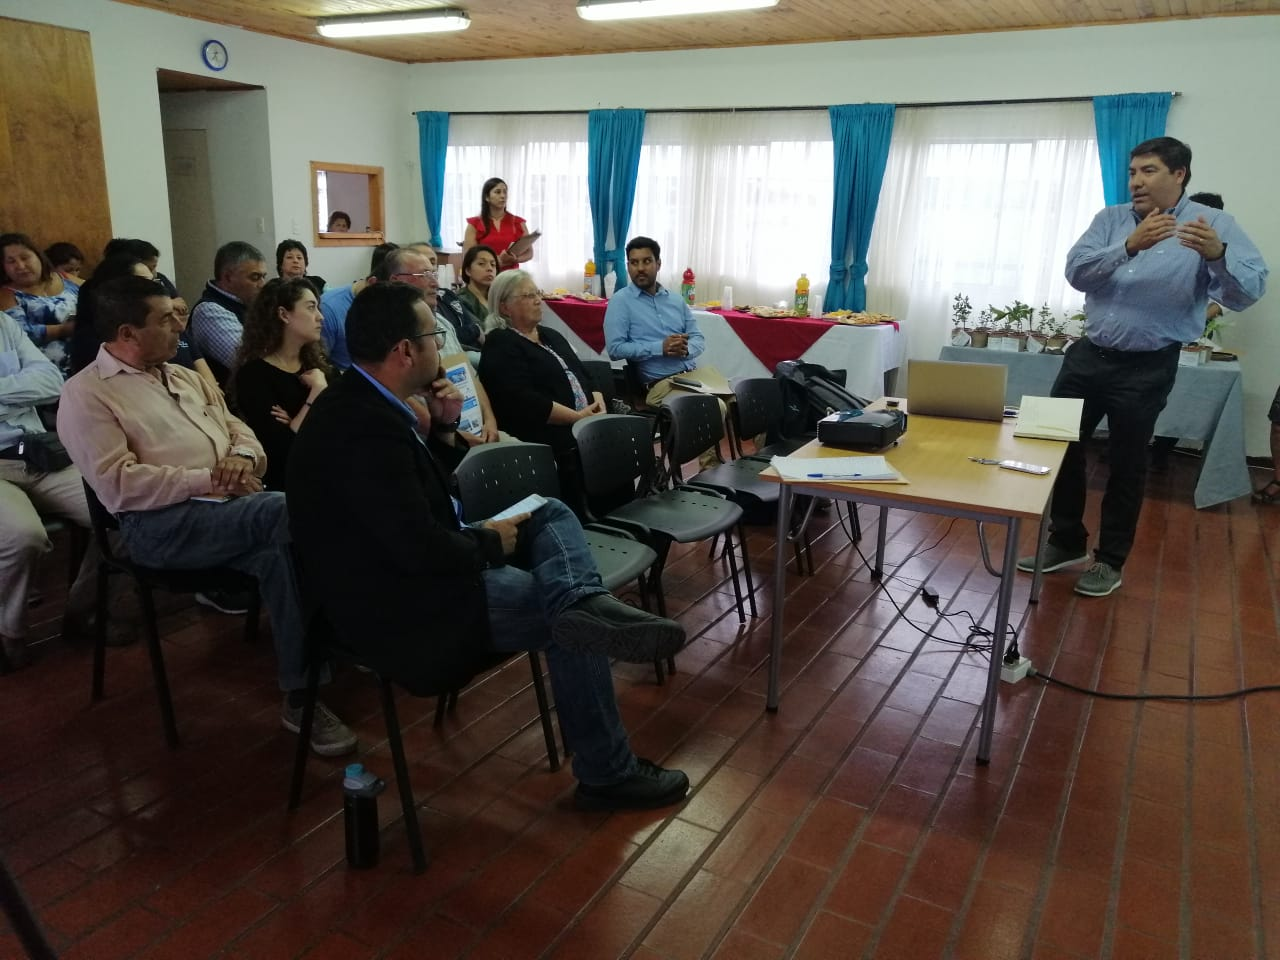 Empresa Fiordo Austral Group se reúne con vecinos de Escuadrón